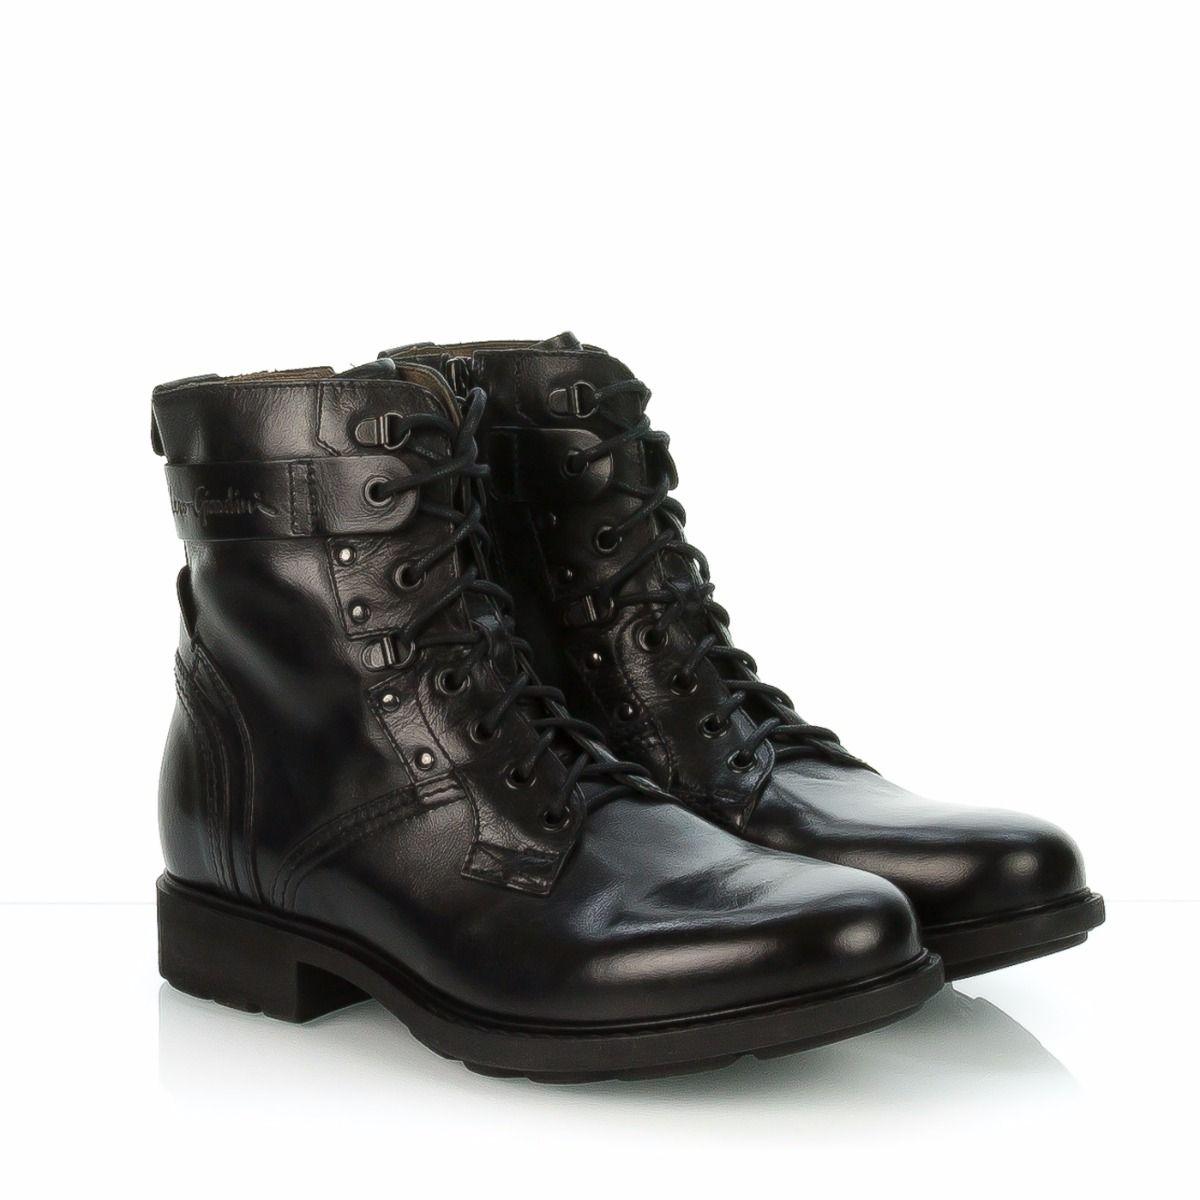 Nero giardini anfibi uomo 5501u pelle nero spedizione gratuita shop online shoe center - Anfibi uomo nero giardini ...